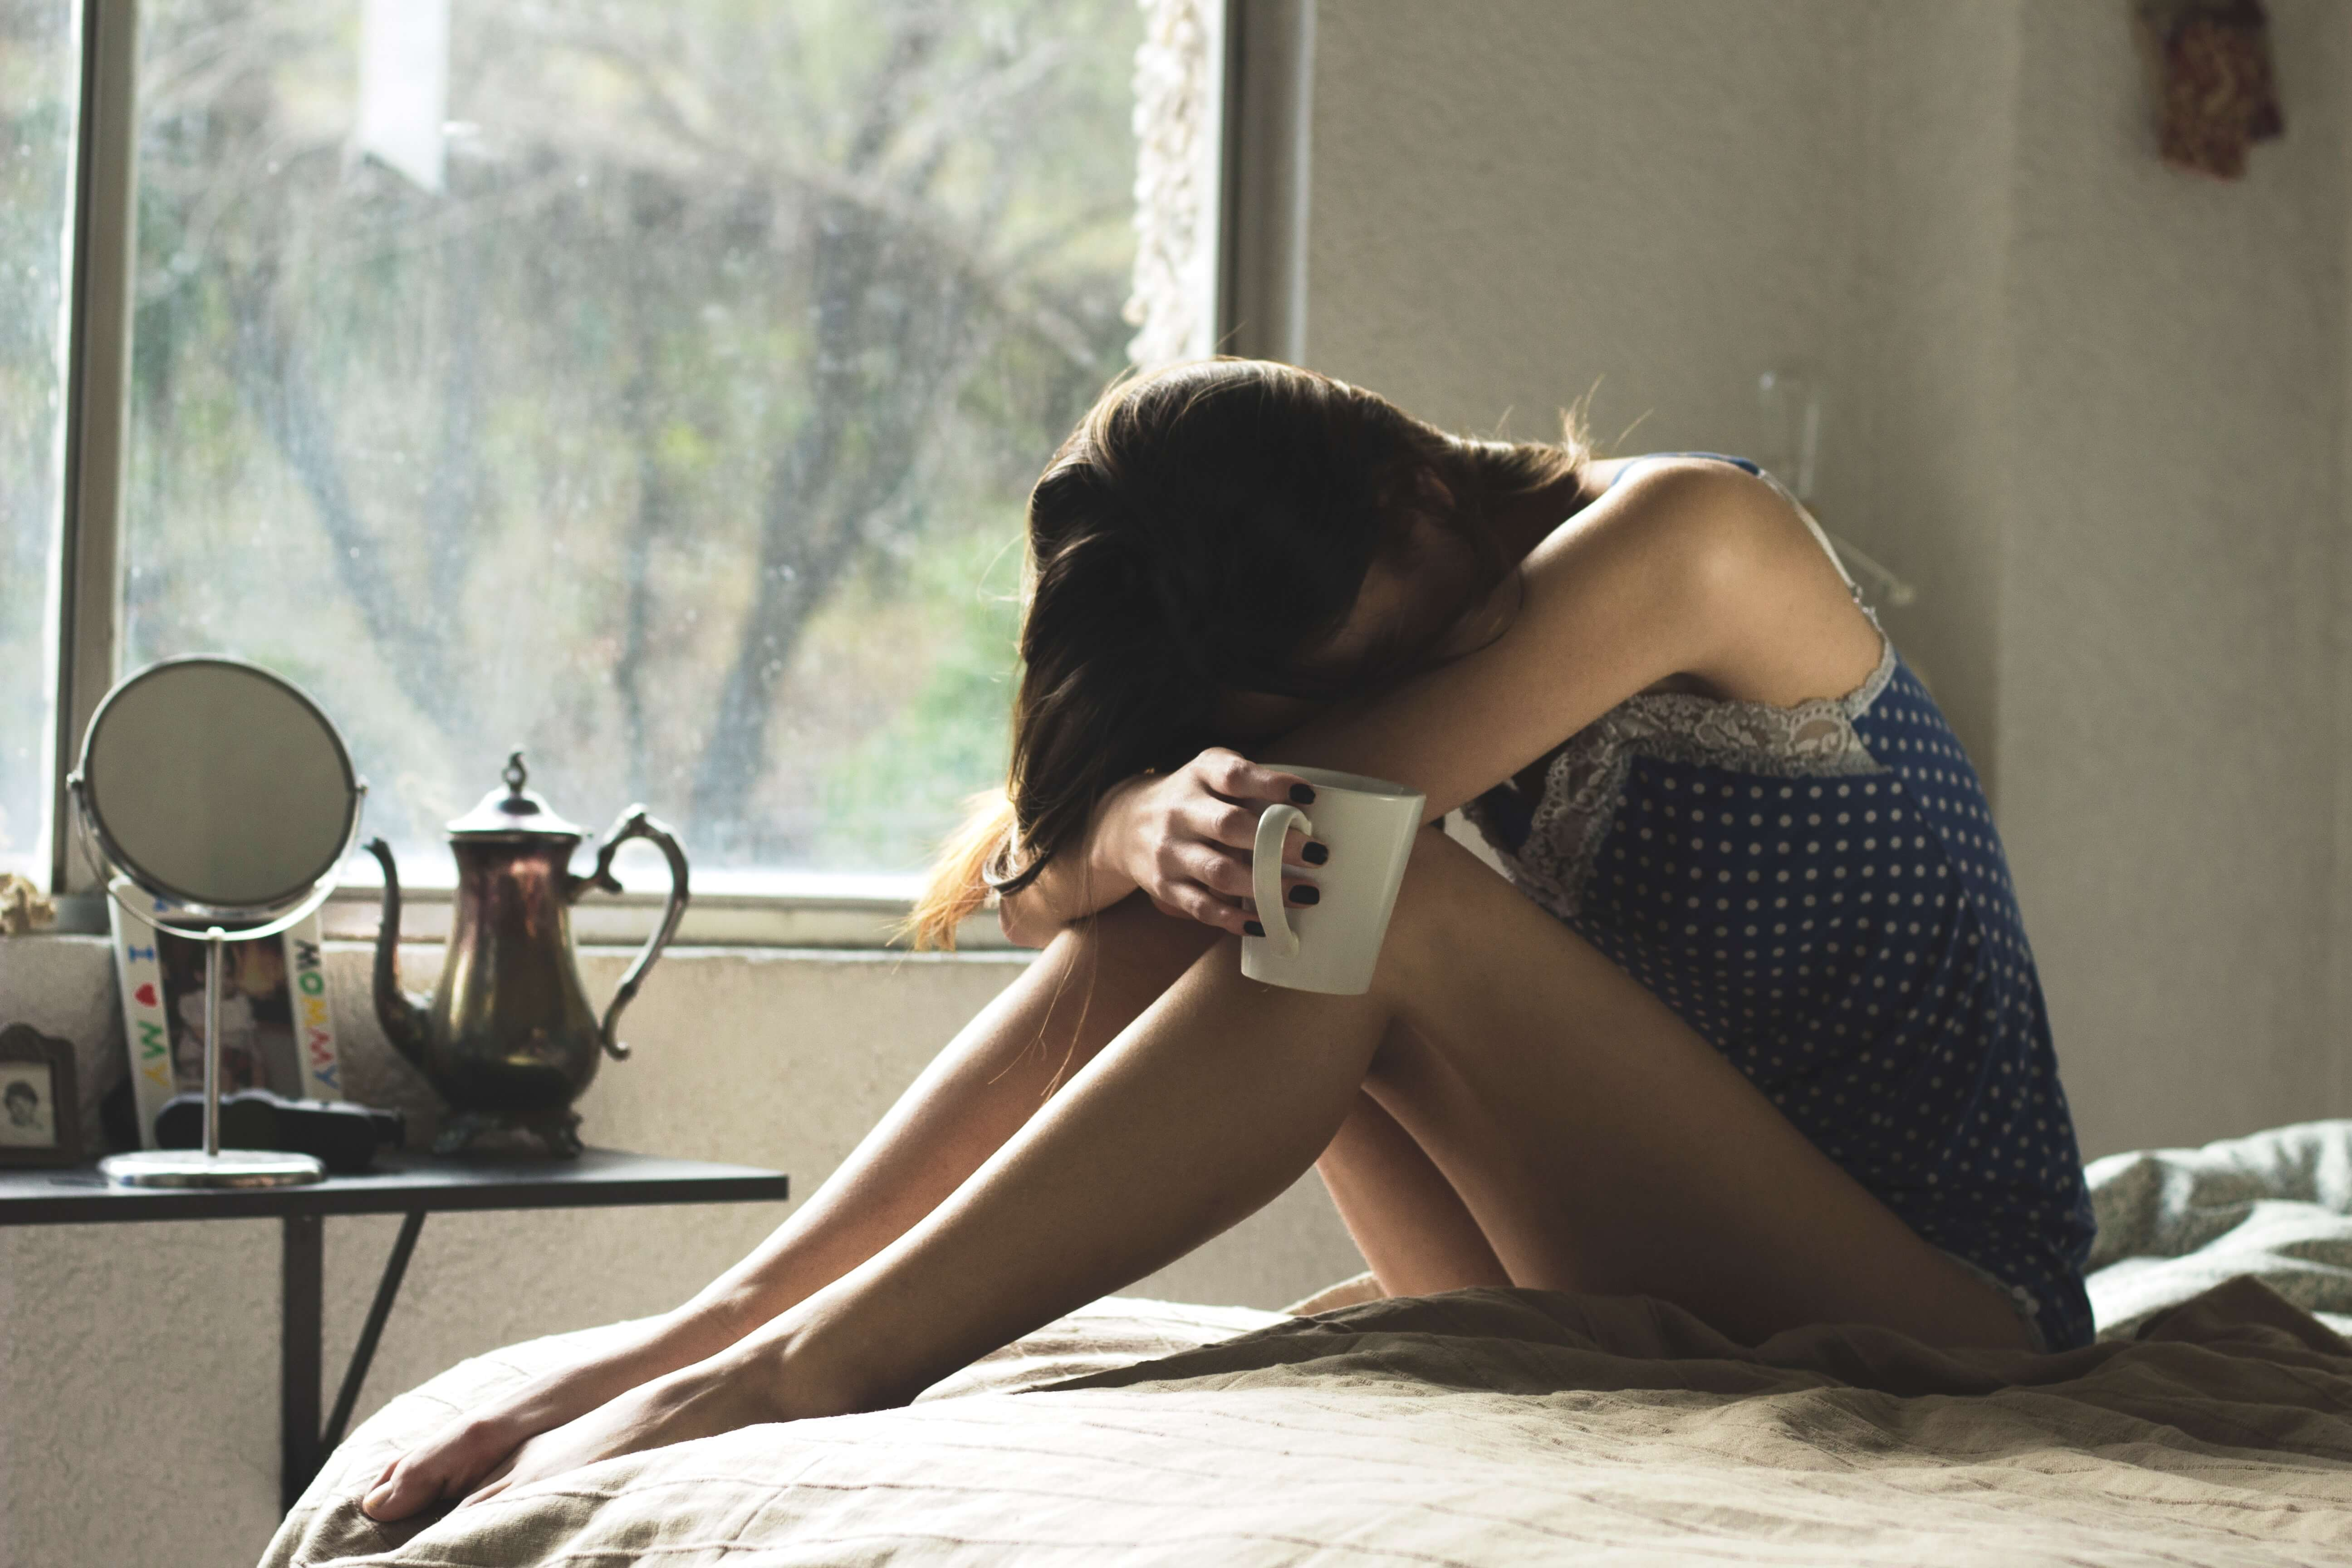 Mulher sentada na cama com a cabeça entre os joelhos como se estivesse se escondendo